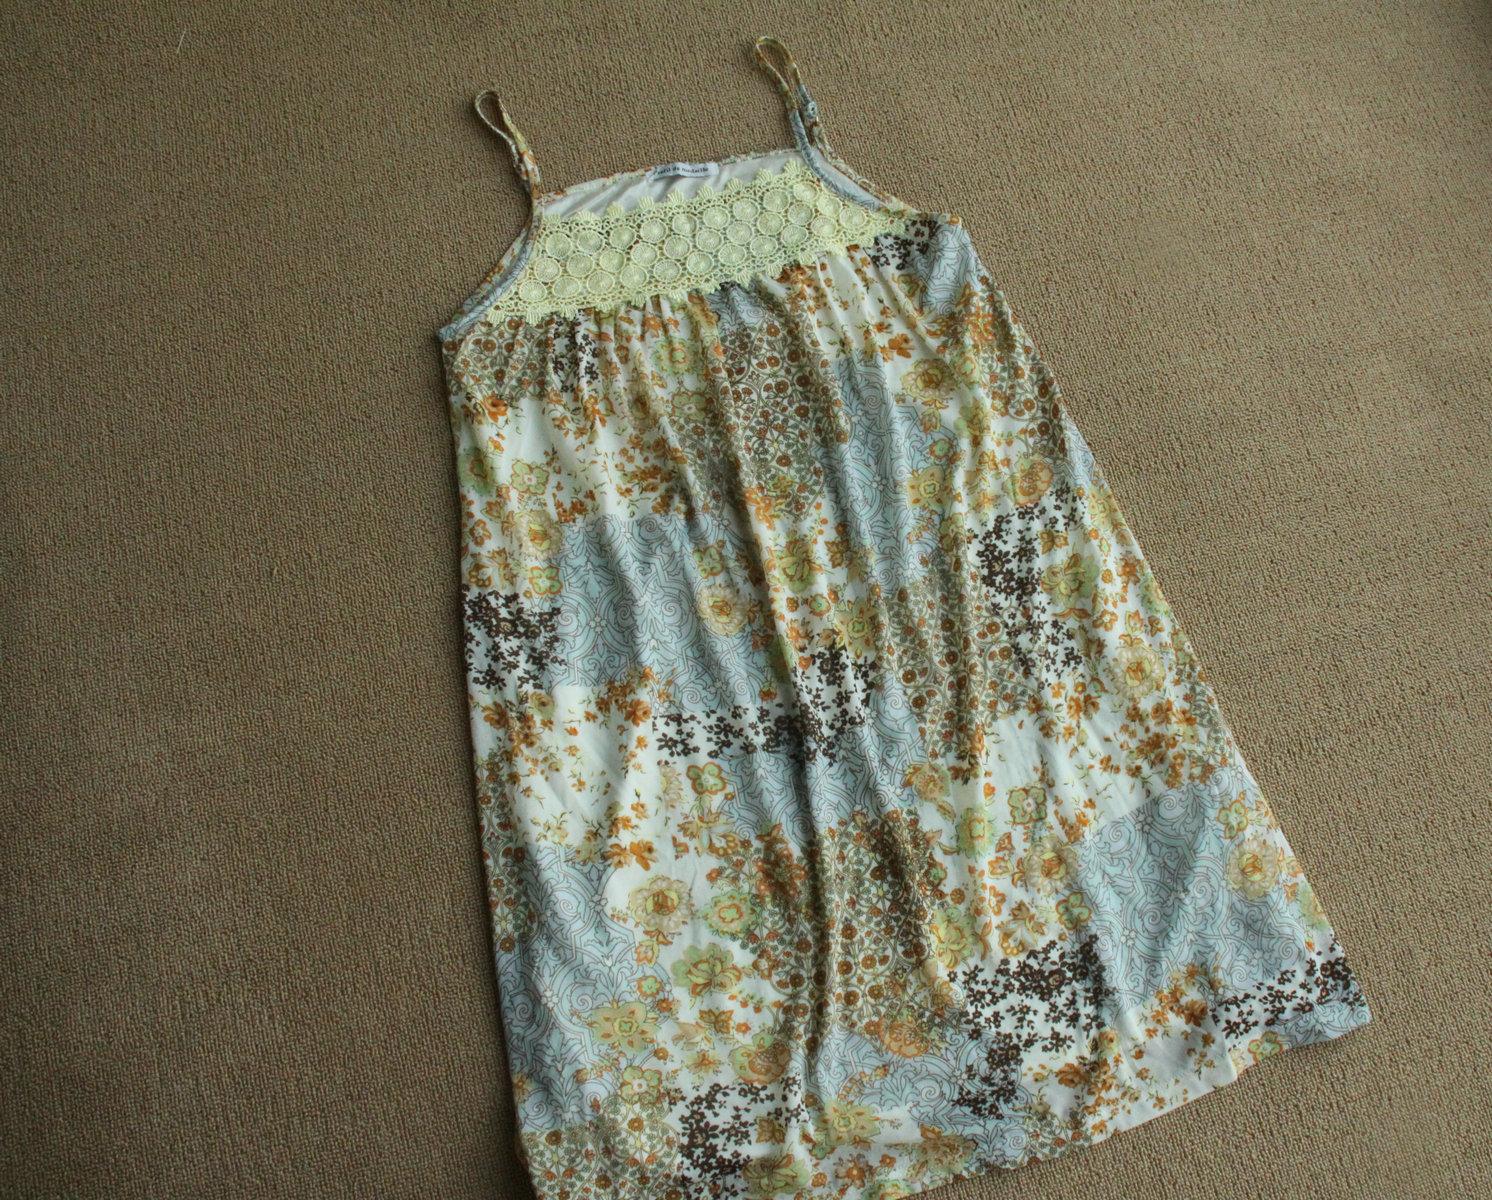 Женское платье Ребята распродажа. Одна лямка цветочные платья (недостаток)